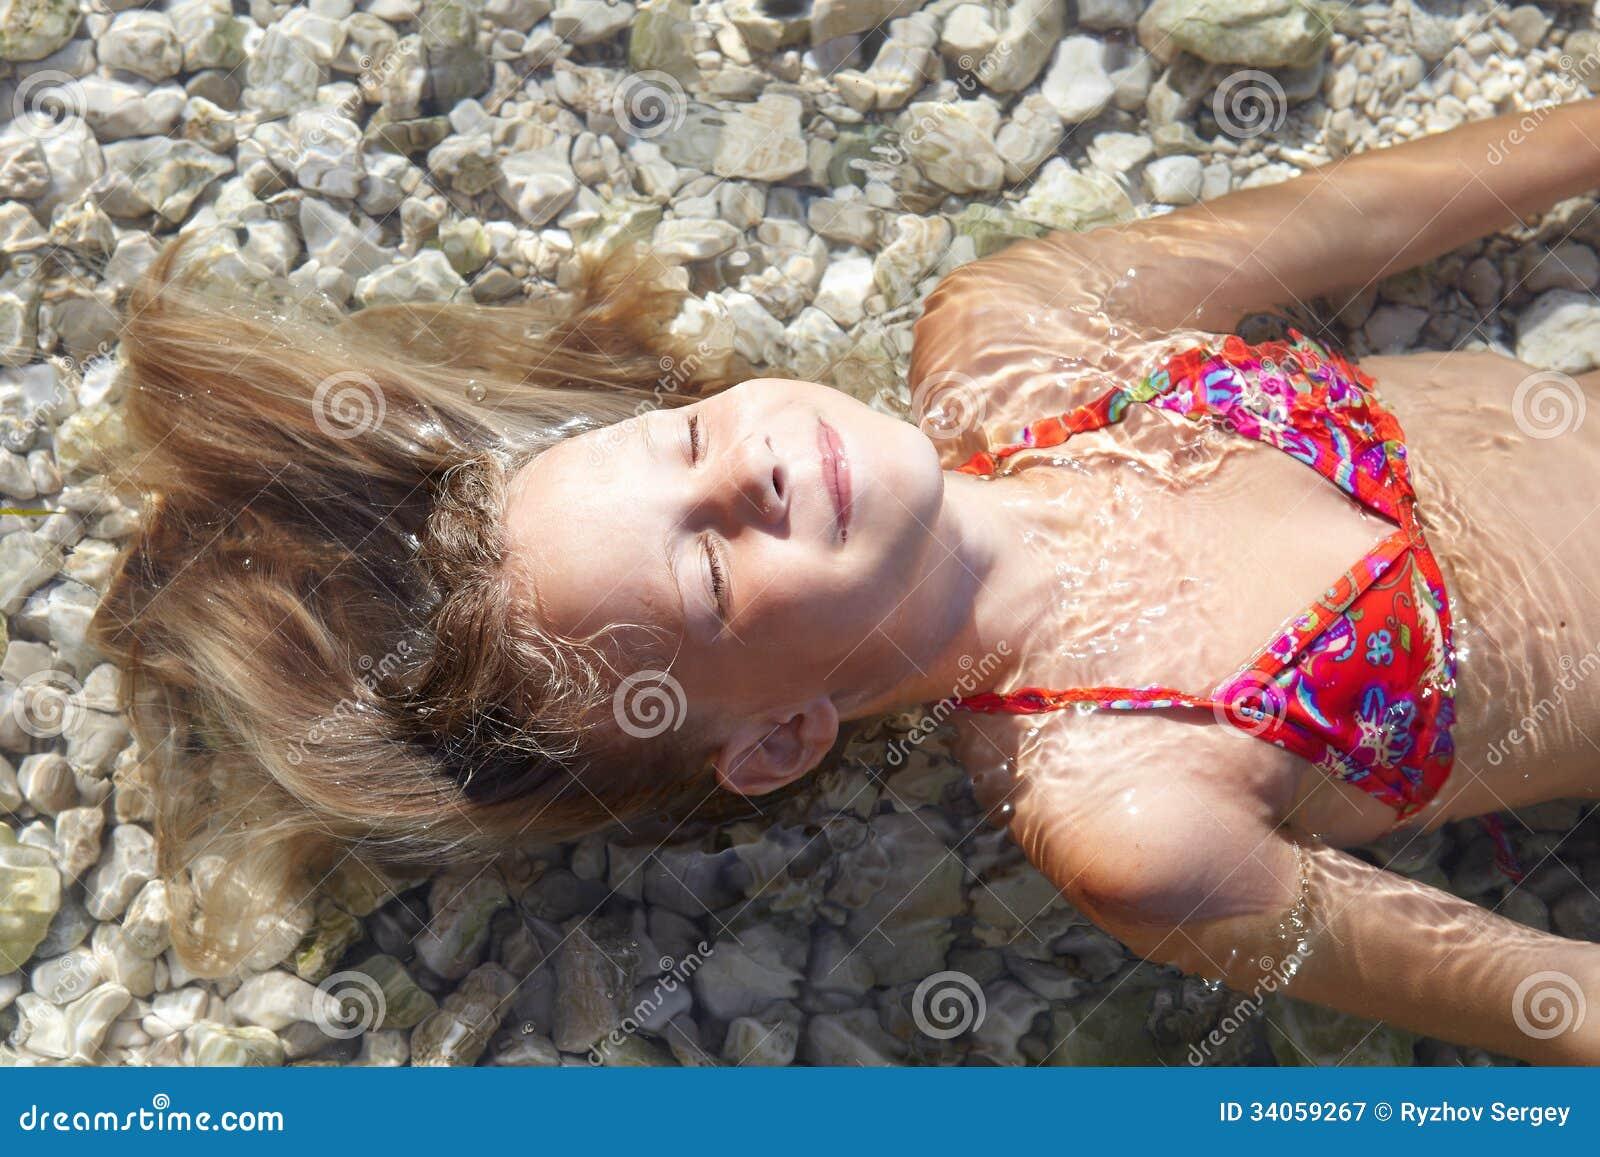 Фото маленькi пiськи, Фото молоденькой писи крупно Голые красотки 21 фотография